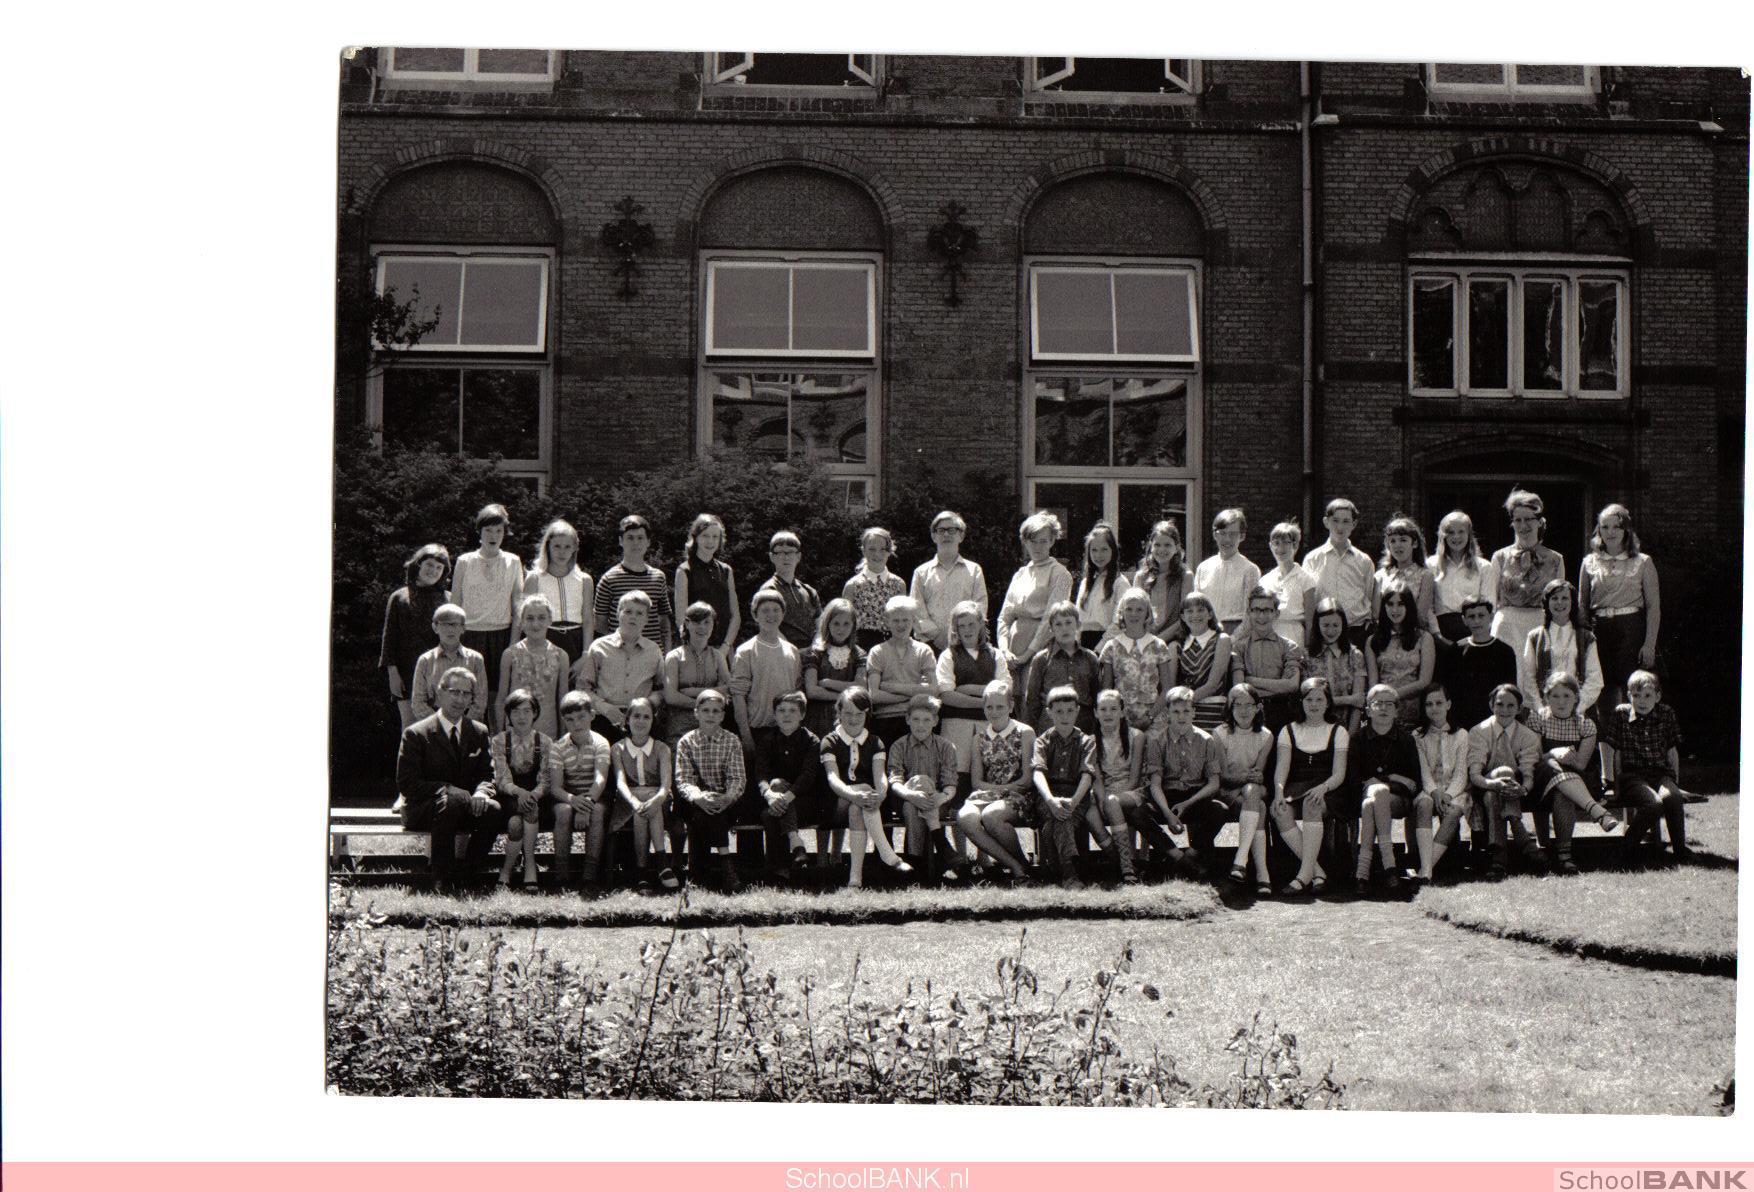 Mariaschool Lagere school, bijzondere school voor meisjes foto